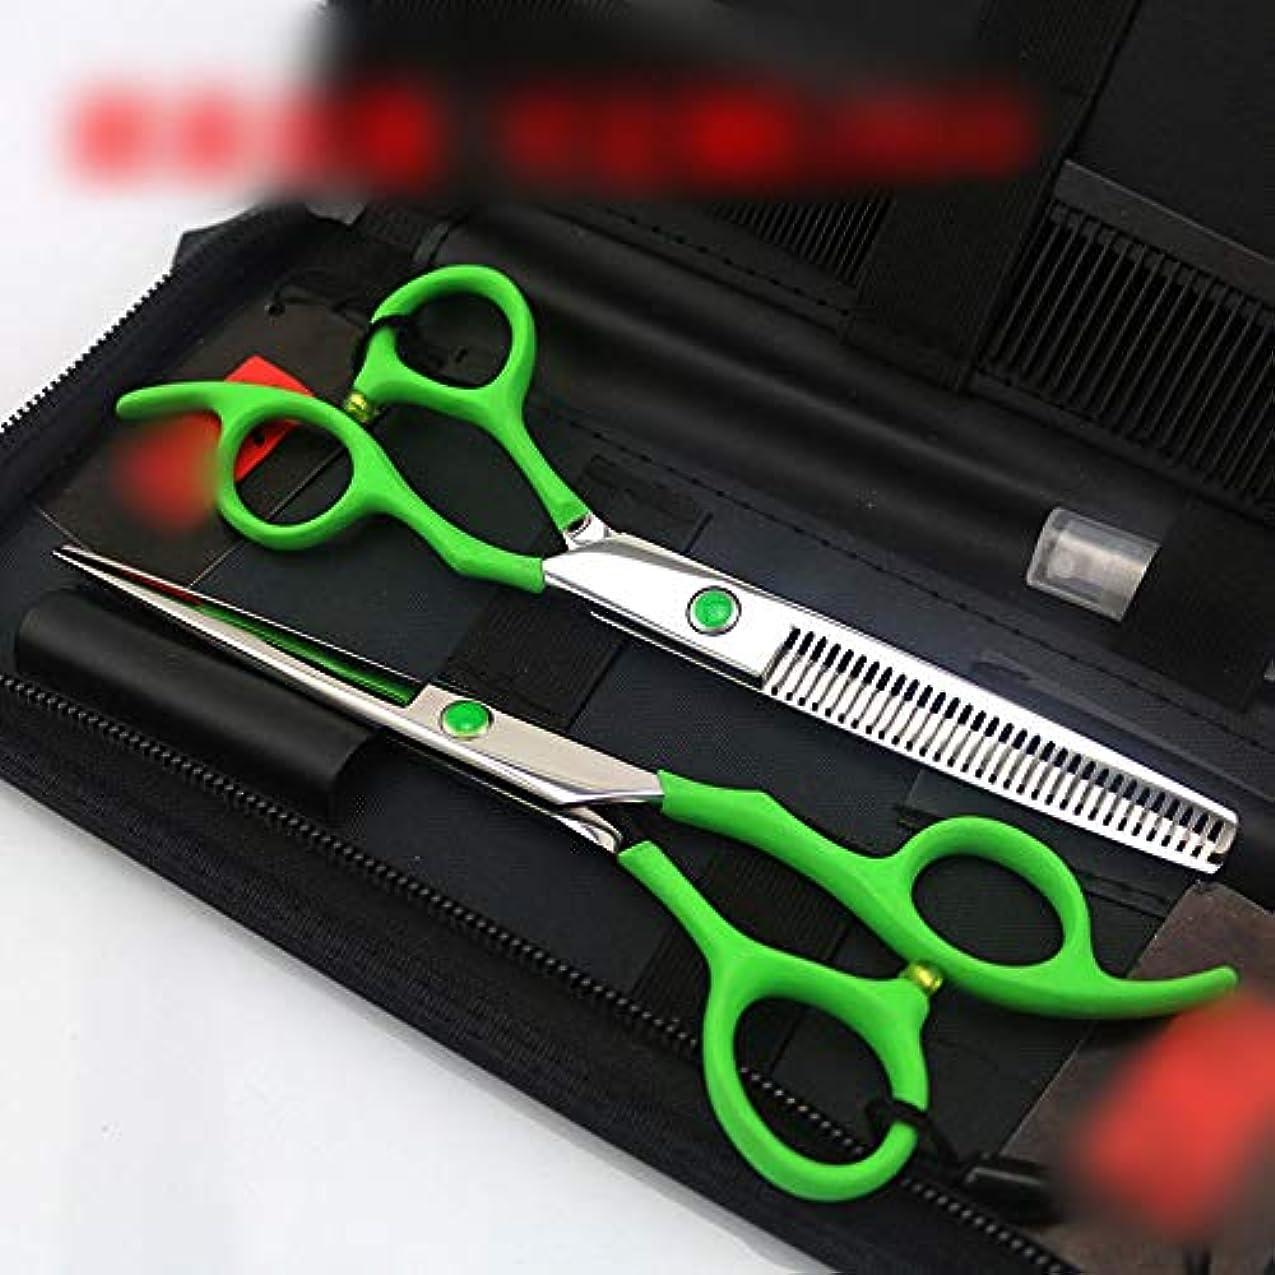 抑制する告発温室Goodsok-jp 6.0インチの緑の専門の理髪はさみセット、平らな歯のはさみ理髪ツールセット (色 : オレンジ)